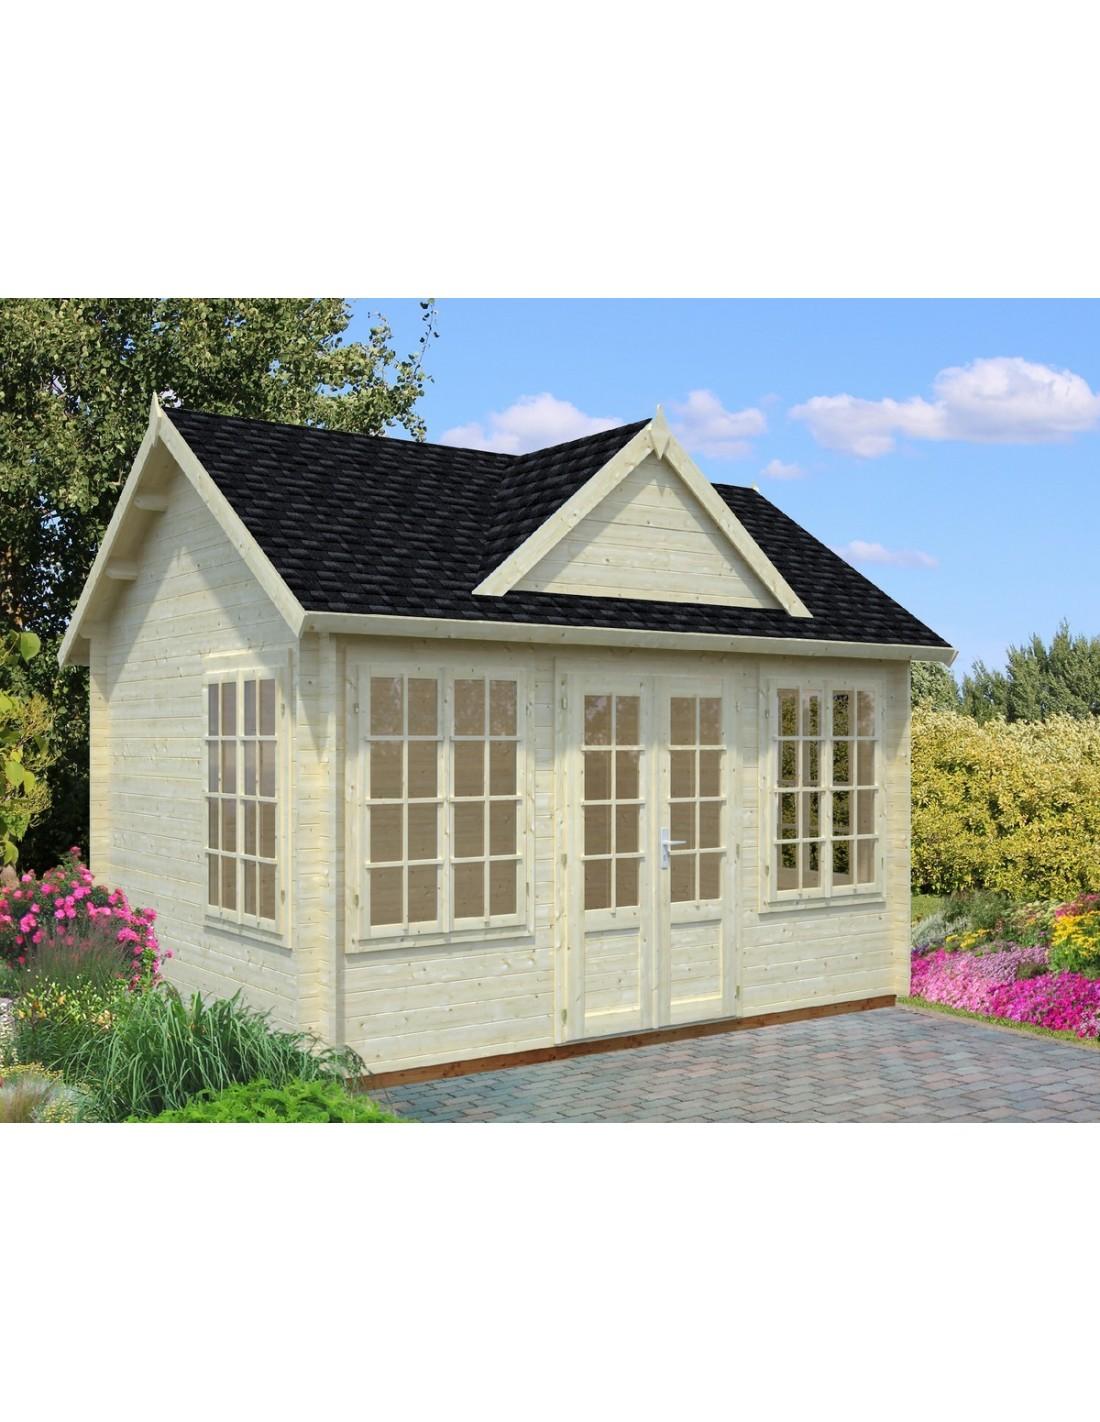 Abri de jardin claudia 12 m avec plancher bois massif 34 mm - Abri de jardin en bois avec plancher ...